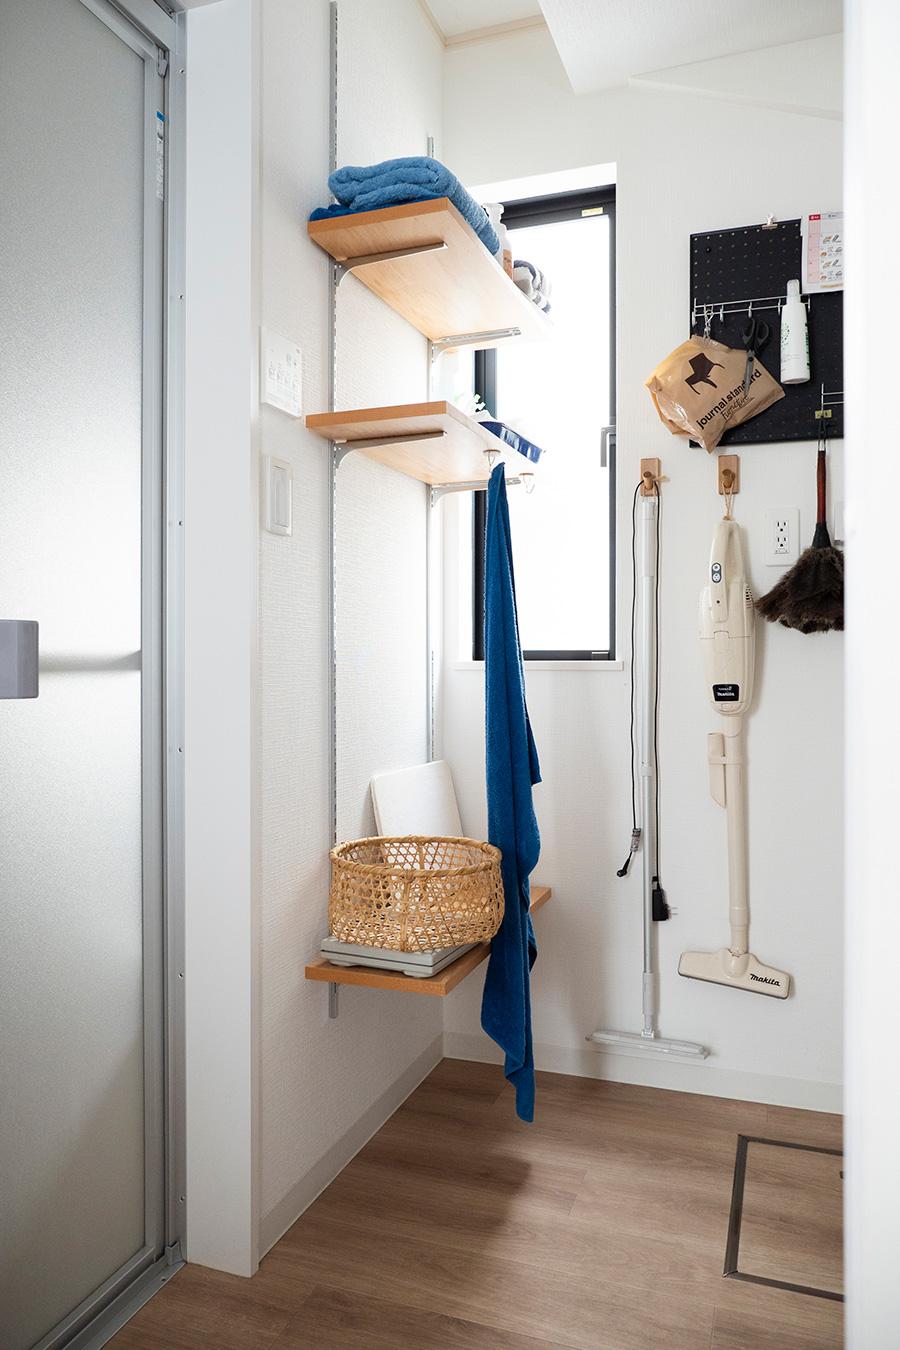 バスルームの脇にはタオルや脱衣カゴを置く棚を設置。タオル掛けも取り付けた。